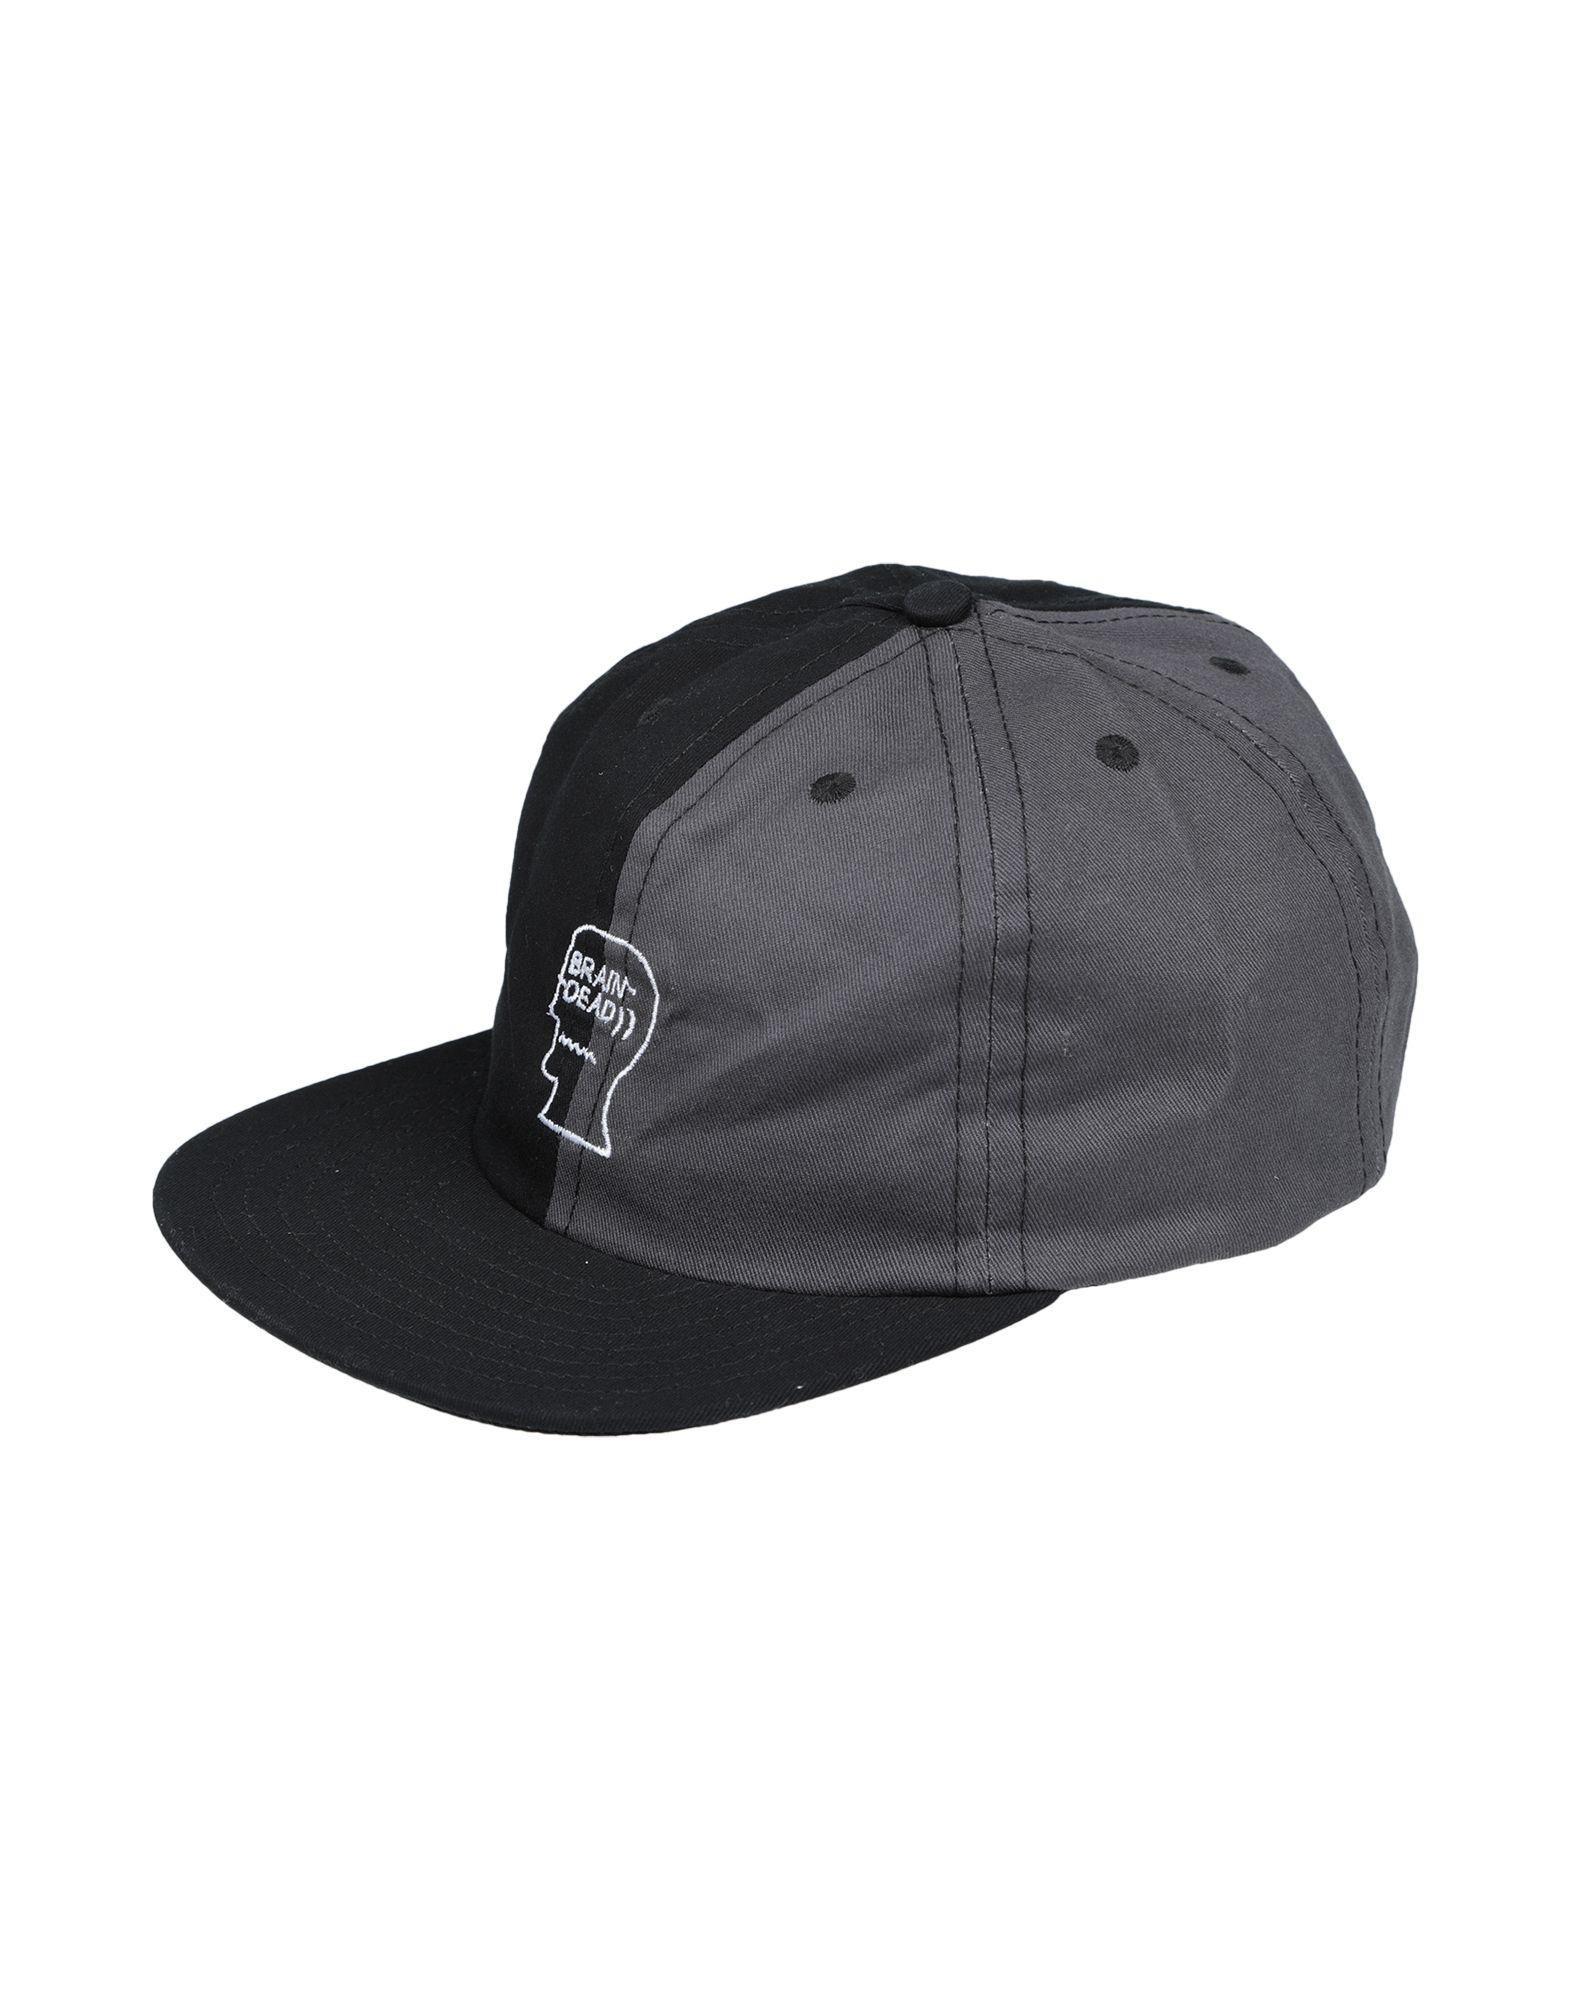 《送料無料》BRAIN DEAD メンズ 帽子 ブラック one size コットン 100%